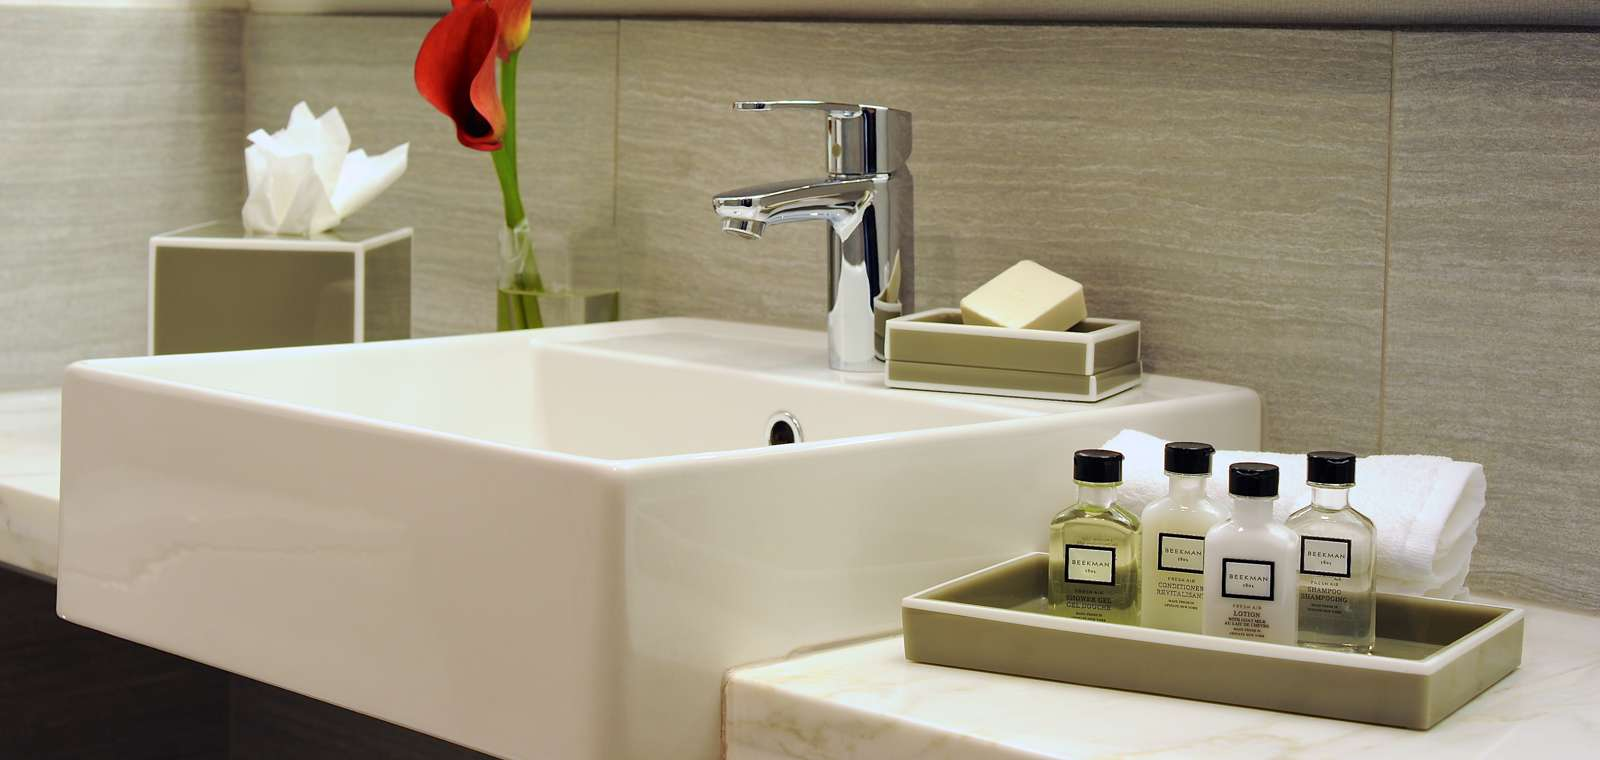 Bathroom Sink In Executive Guestroom